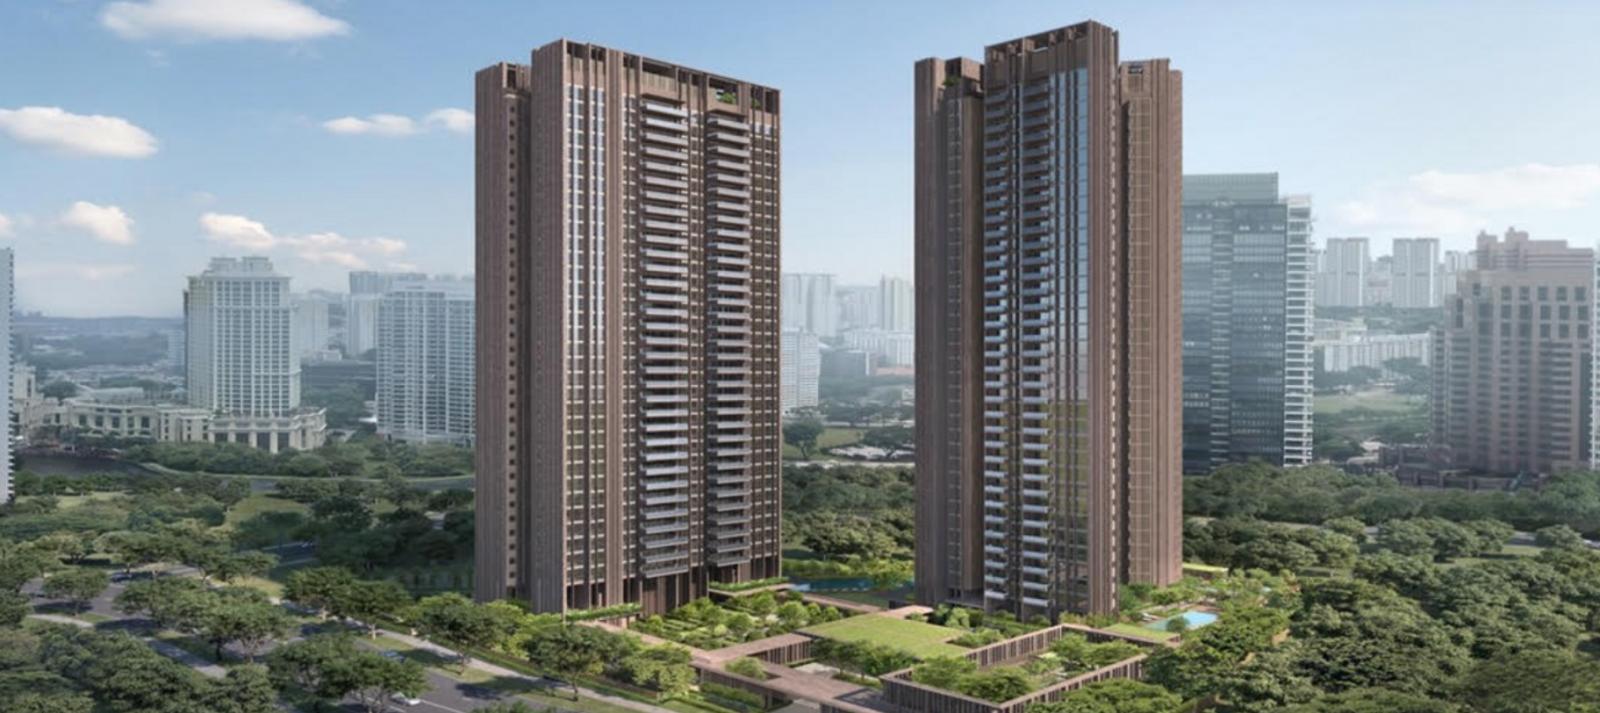 购买二手房如何谈价_新加坡投资信息 - AH Ken 钟声依旧